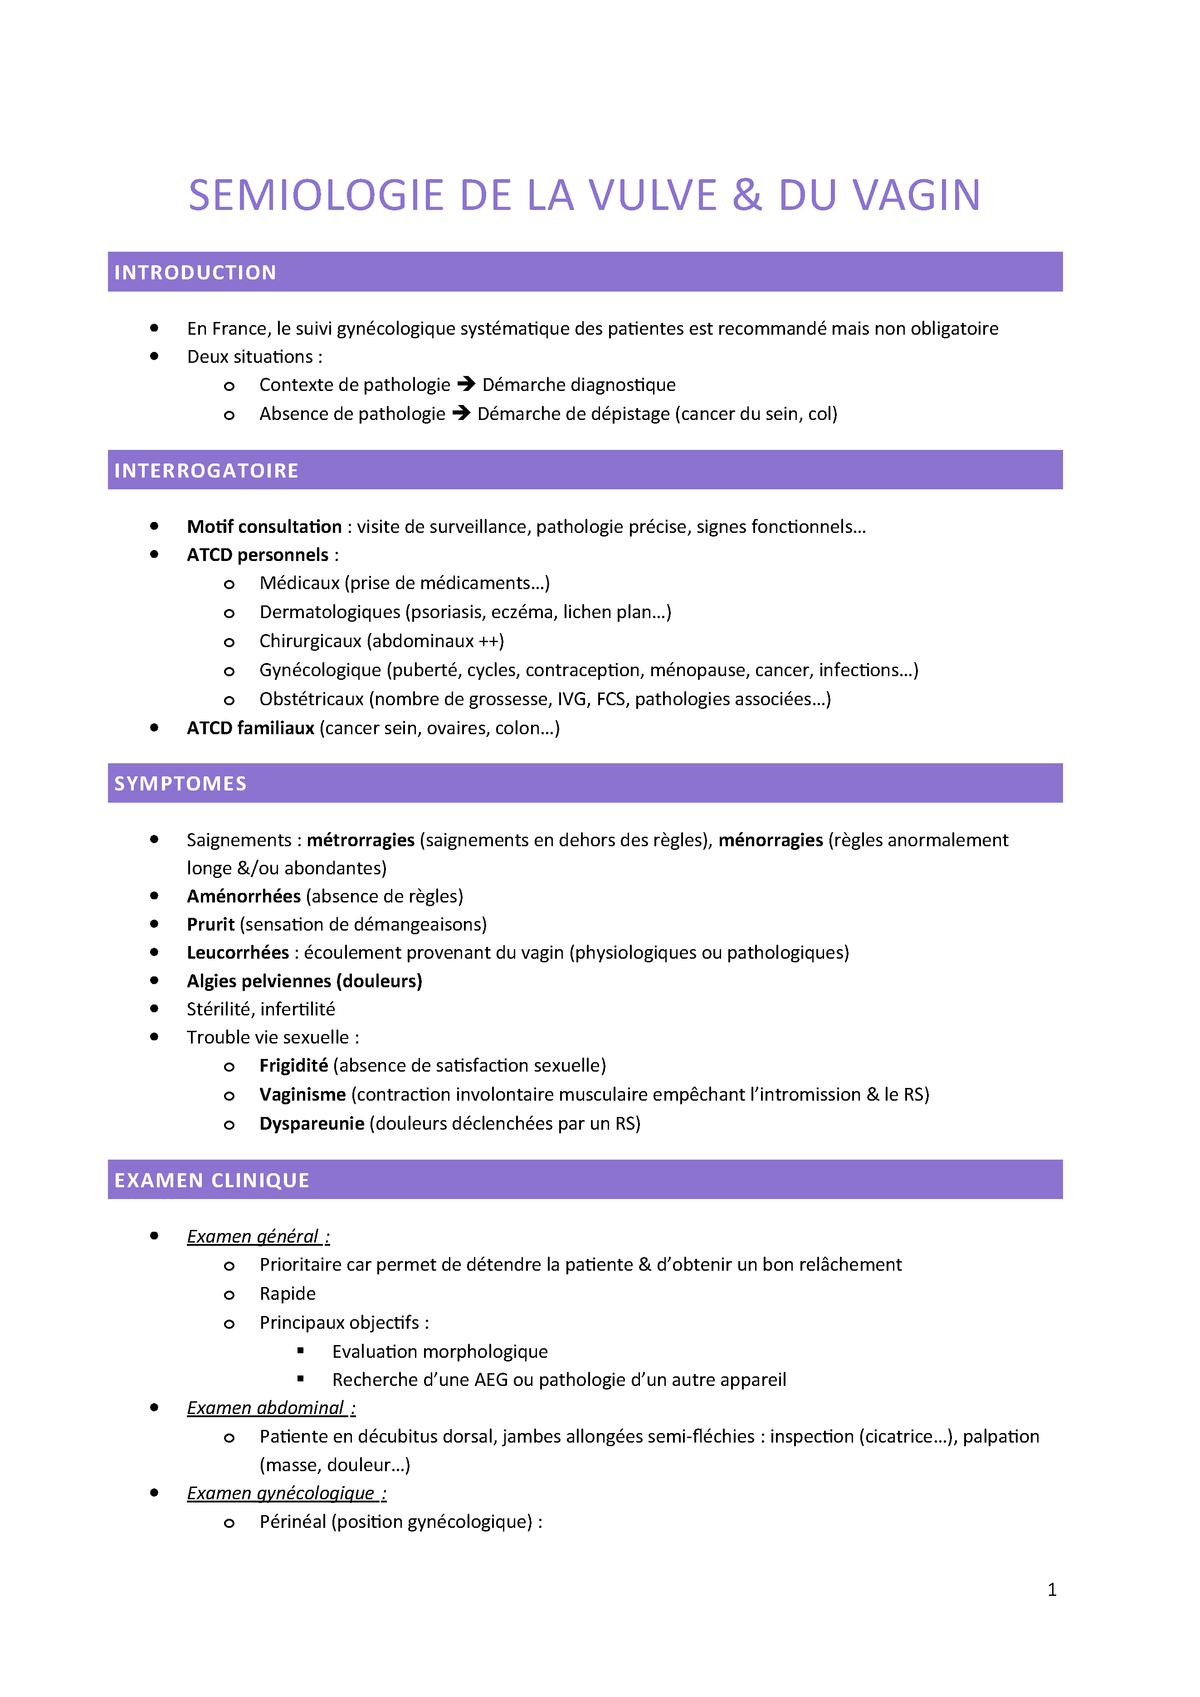 Vassilieff 1 - Sémiologie de la vulve et du vagin - Gynécologie ...